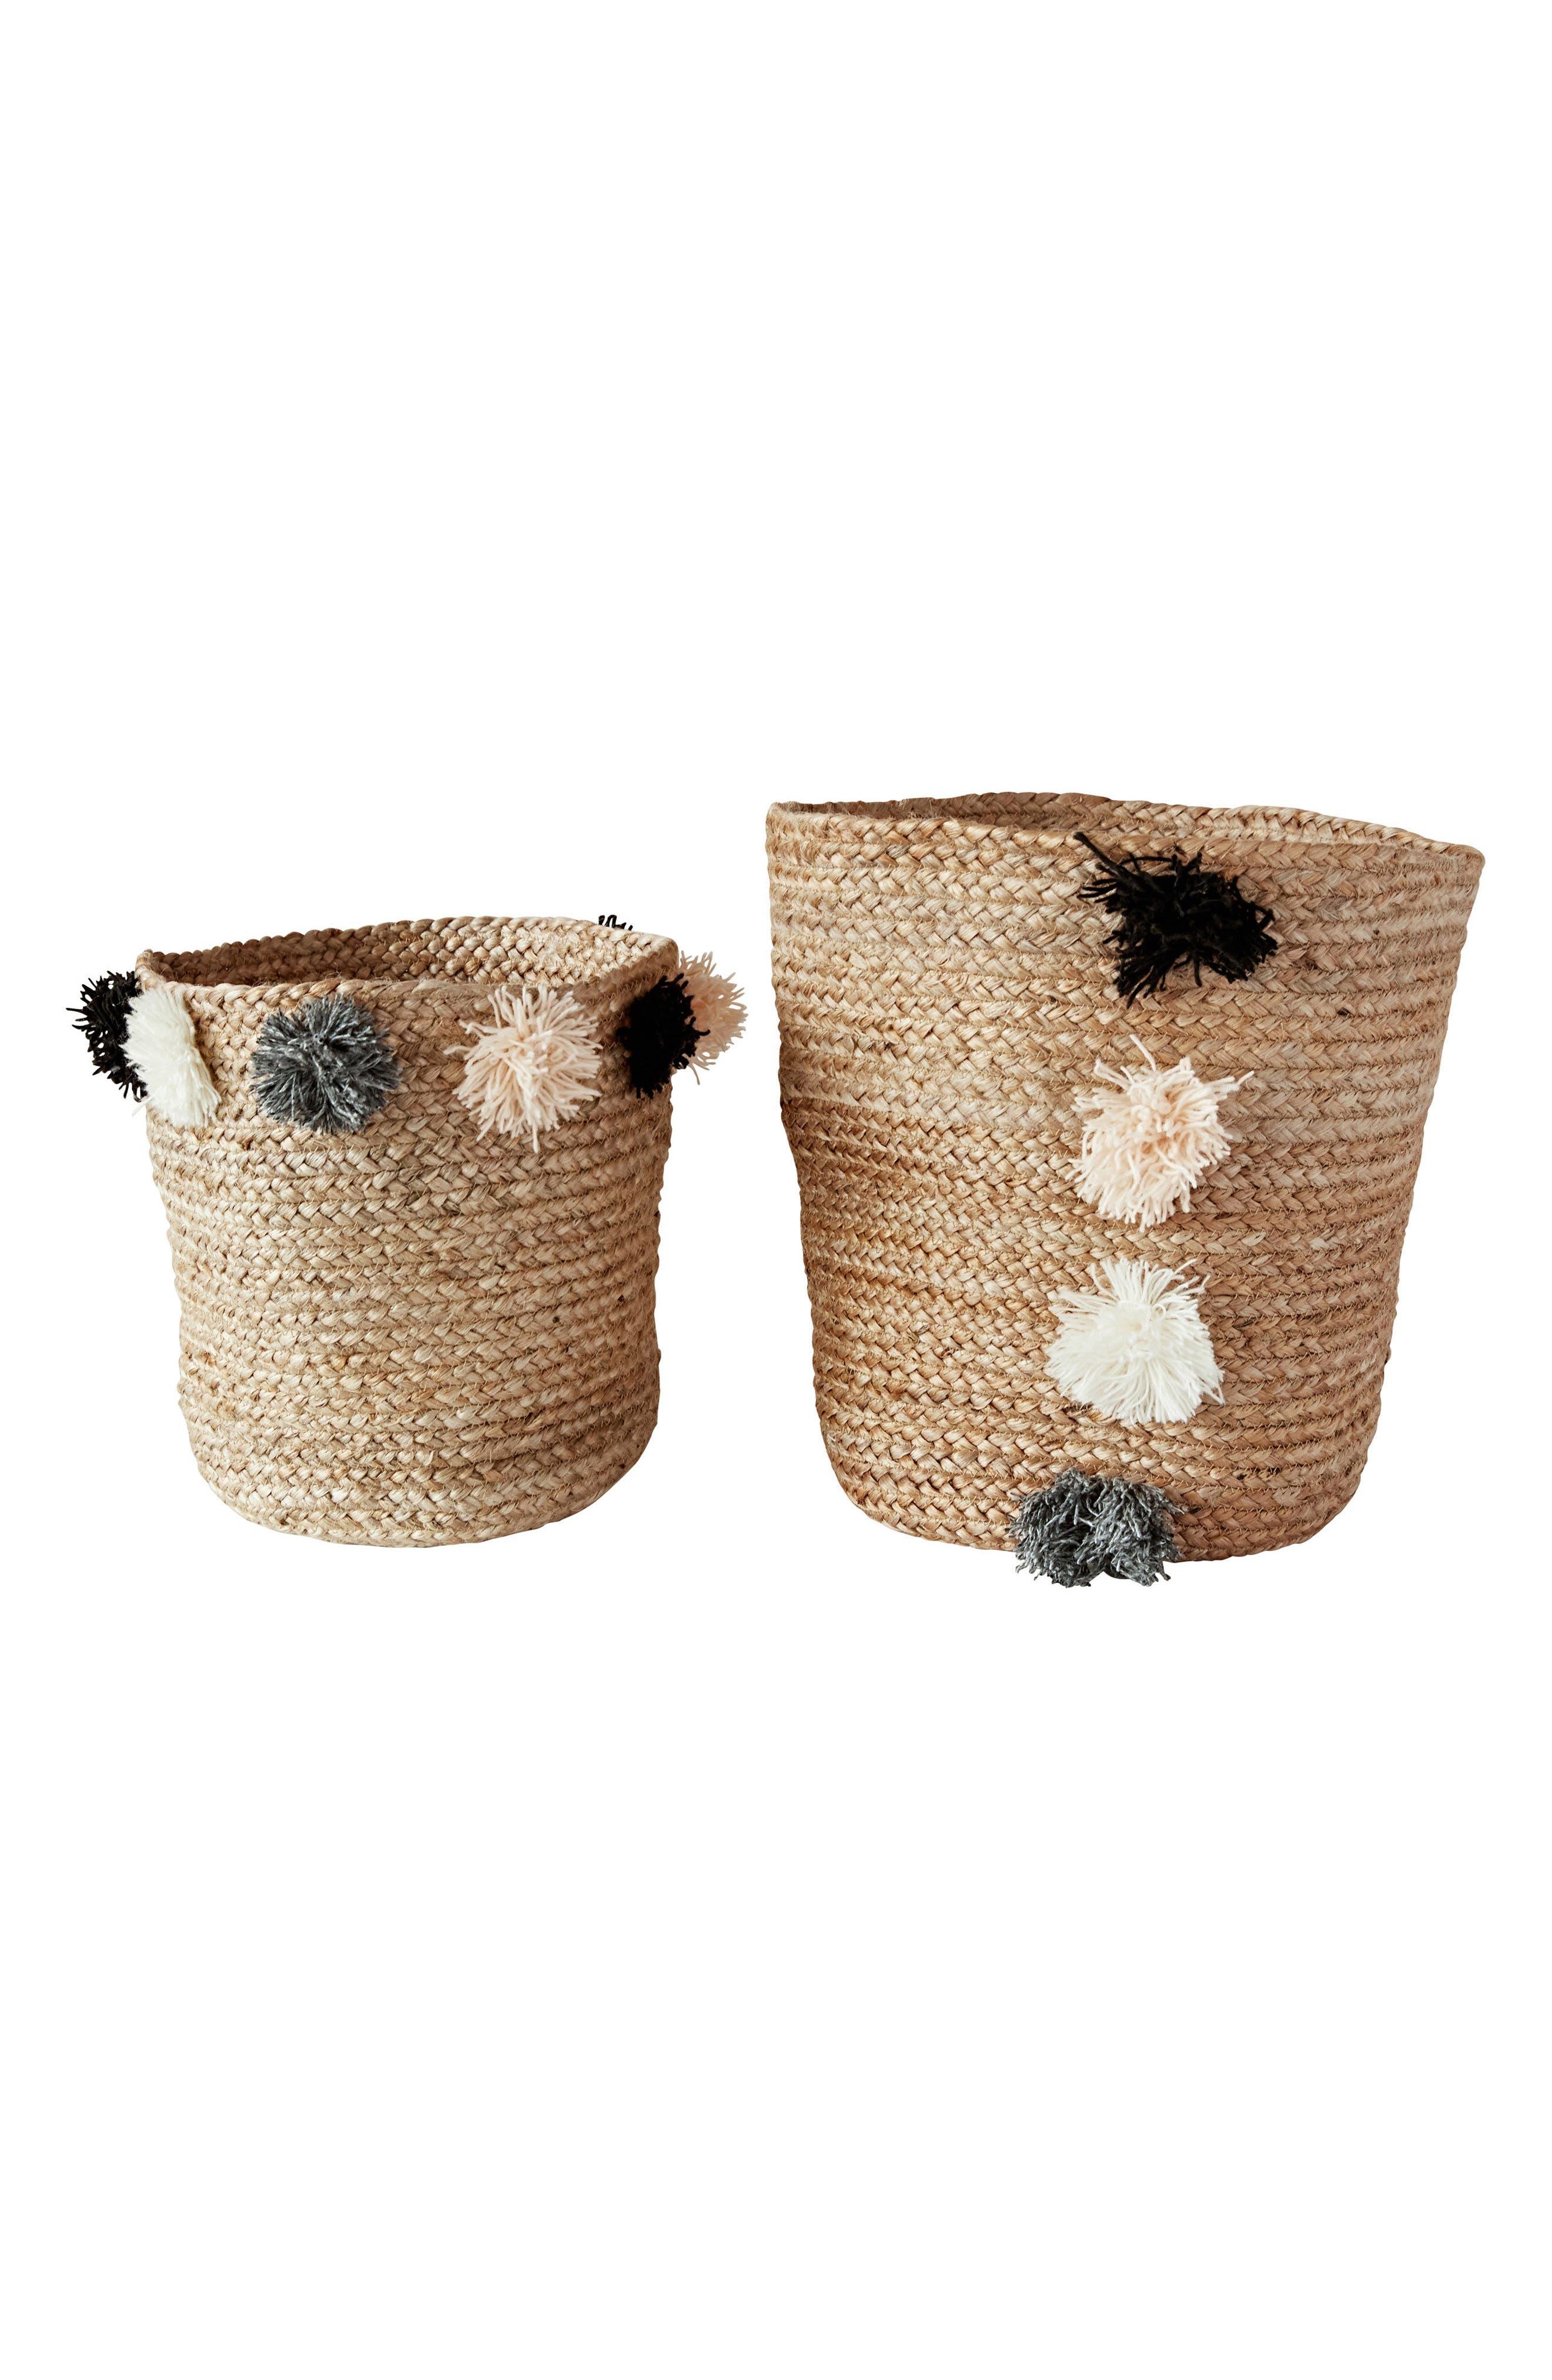 Set of 2 Jute Braided Baskets,                             Main thumbnail 1, color,                             NATURAL